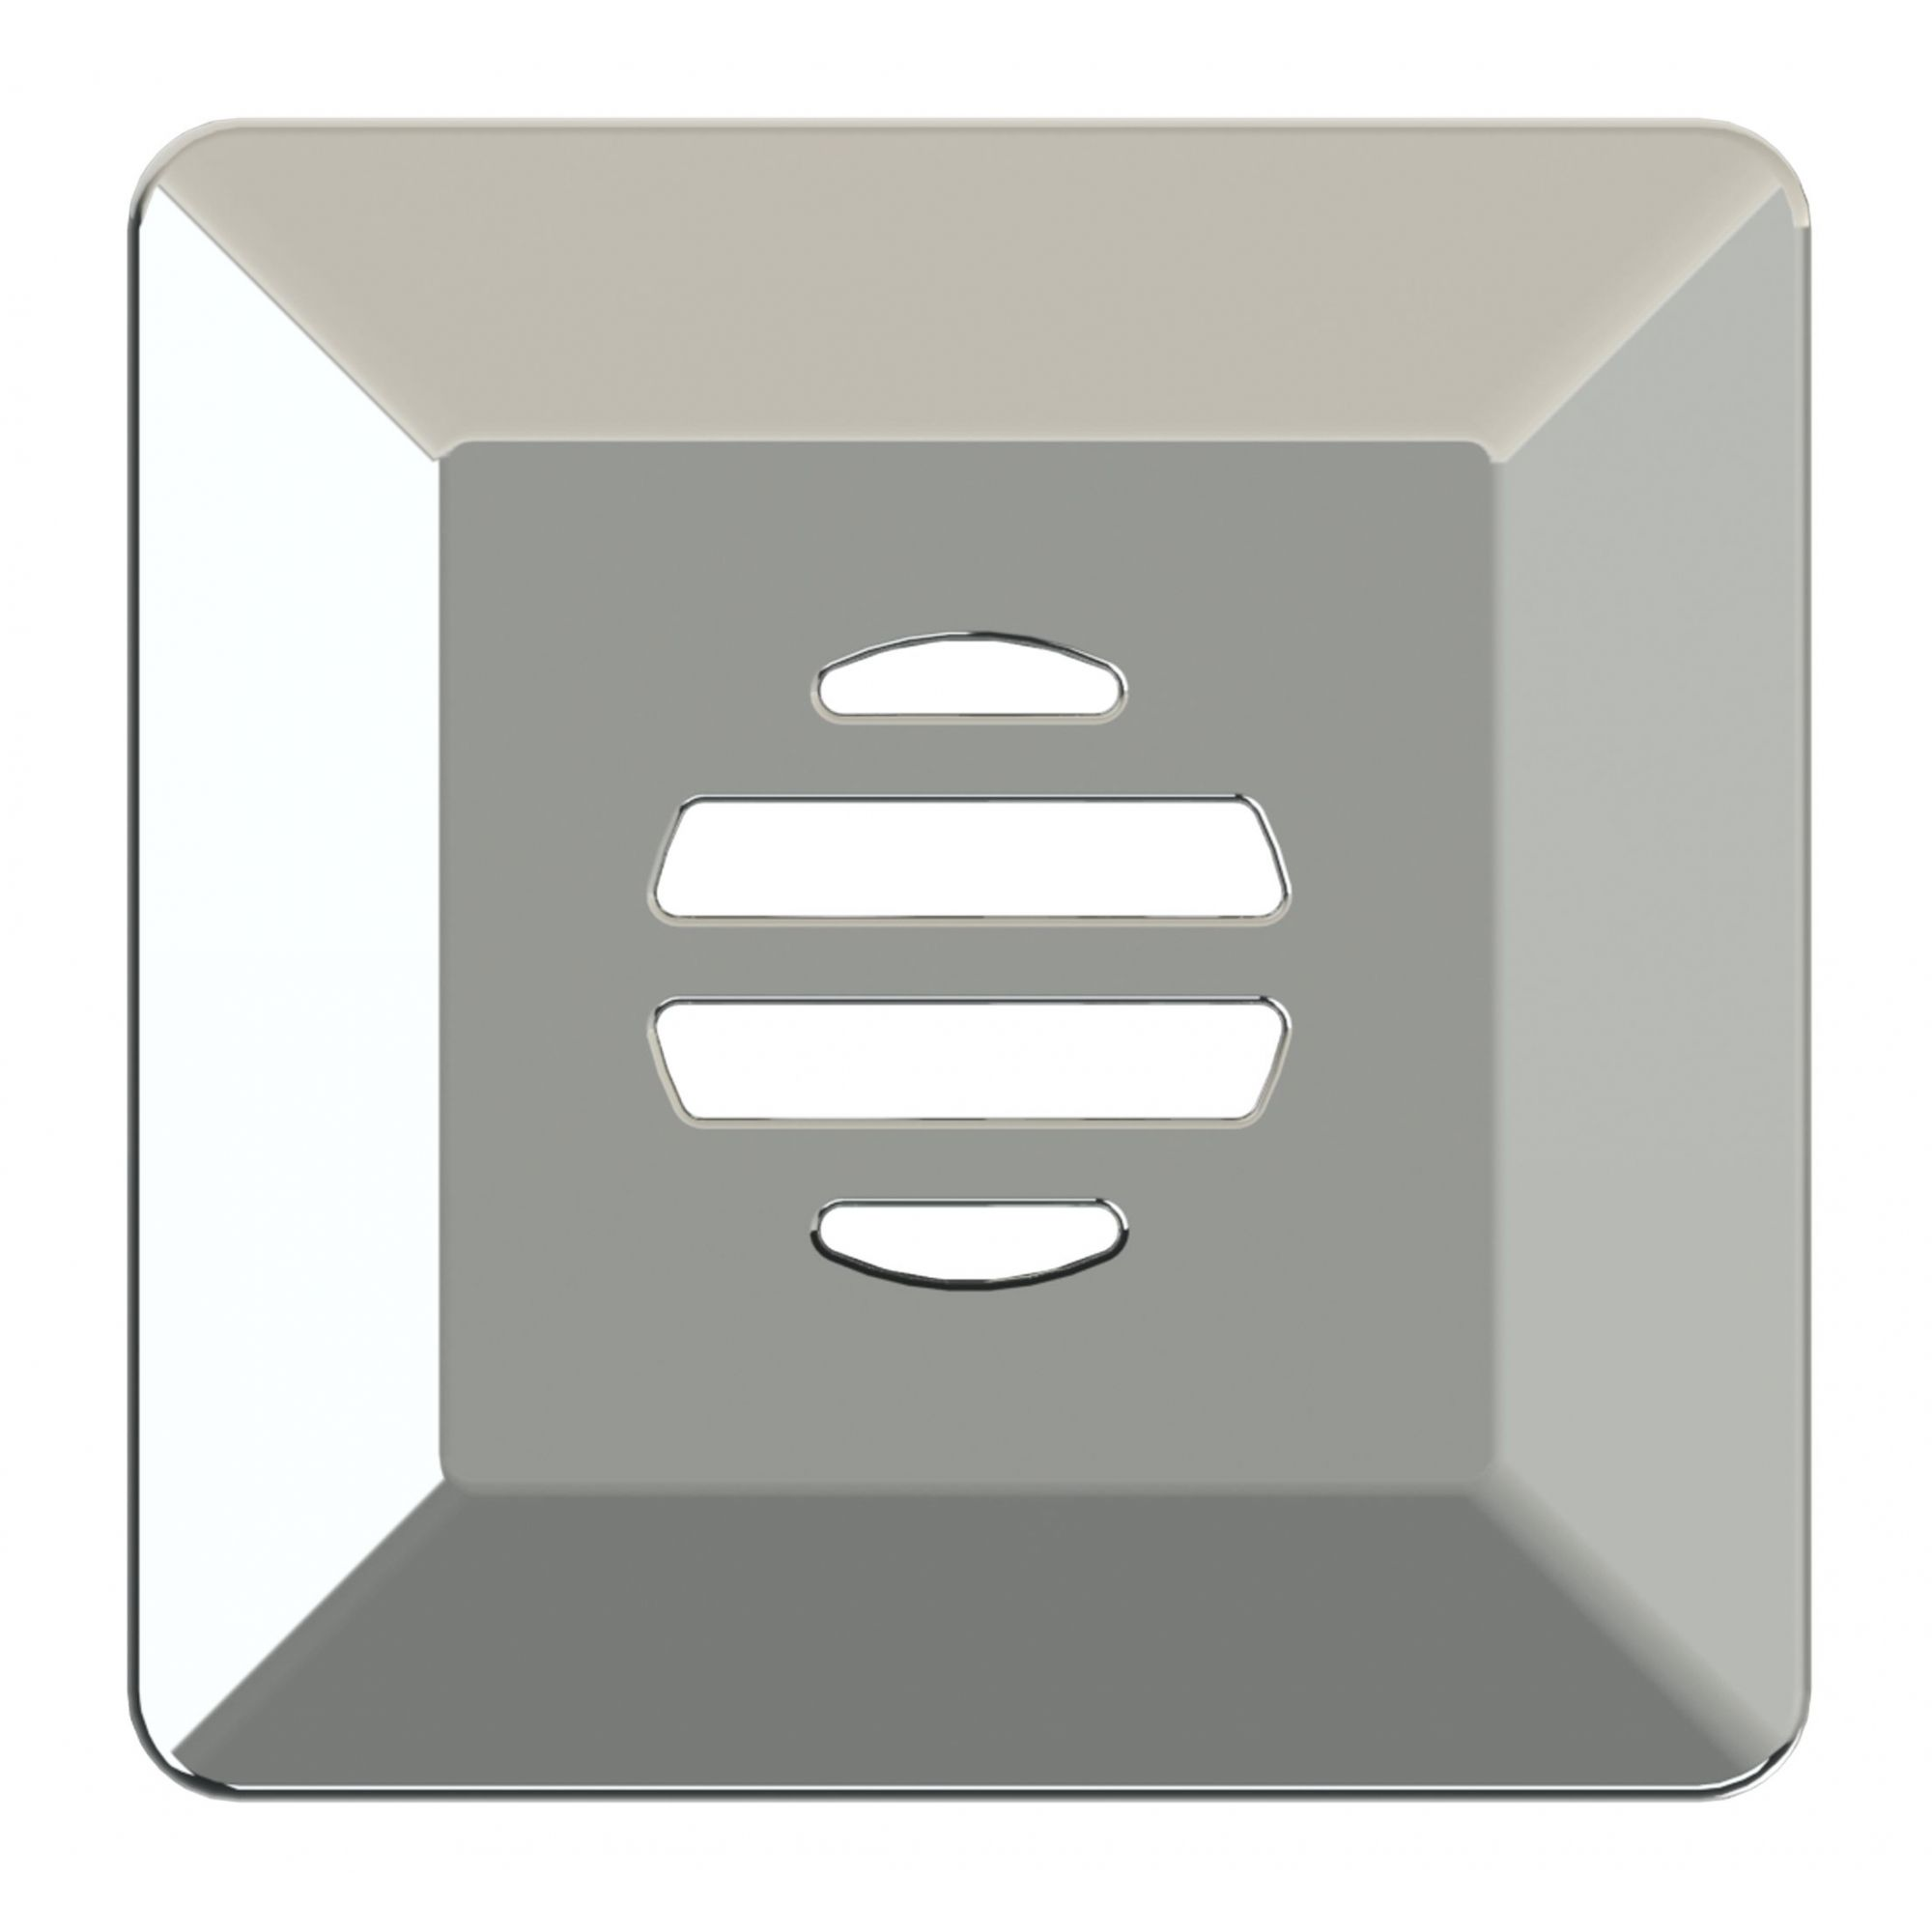 Dispositivo Nivelador Quadrado Inox - Alvenaria - Tholz